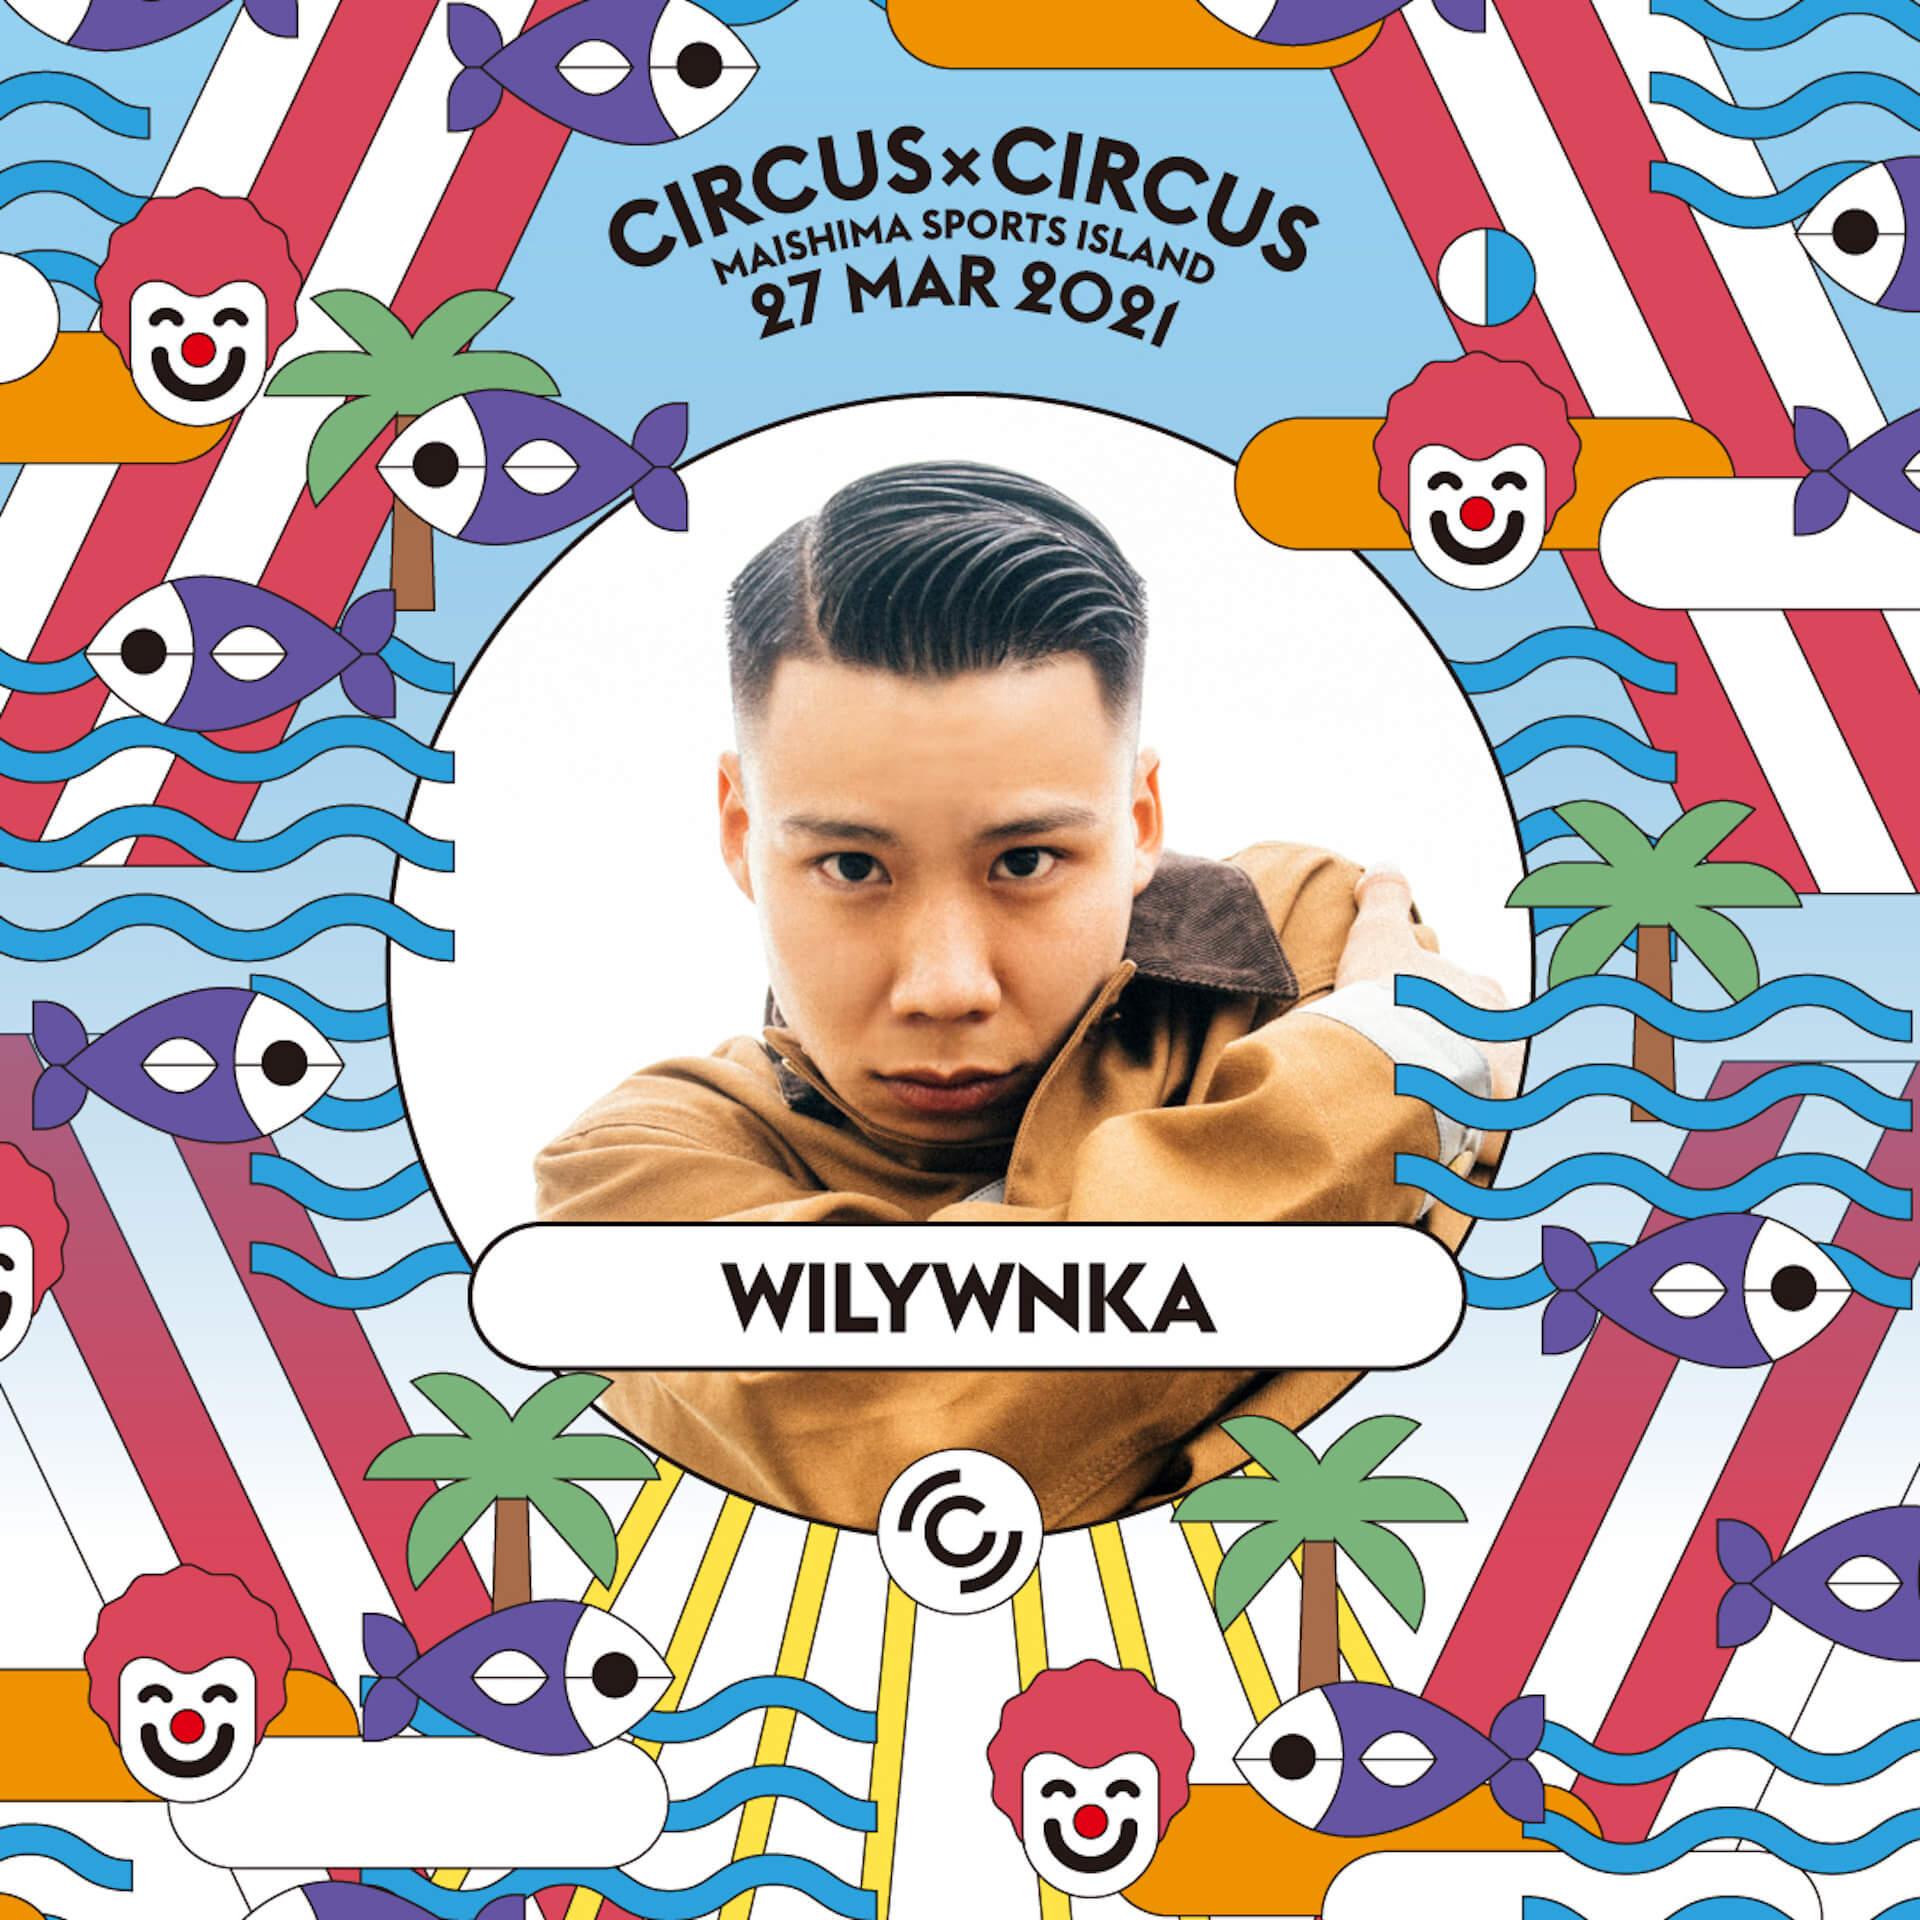 来週末開催の<CIRCUS × CIRCUS>オープニングアクトにKM!シークレットゲストも追加|YAGI&FULLHOUSEによるアフターパーティーにJNKMN、Qiezi Maboら参加 music210319_circuscircus_2